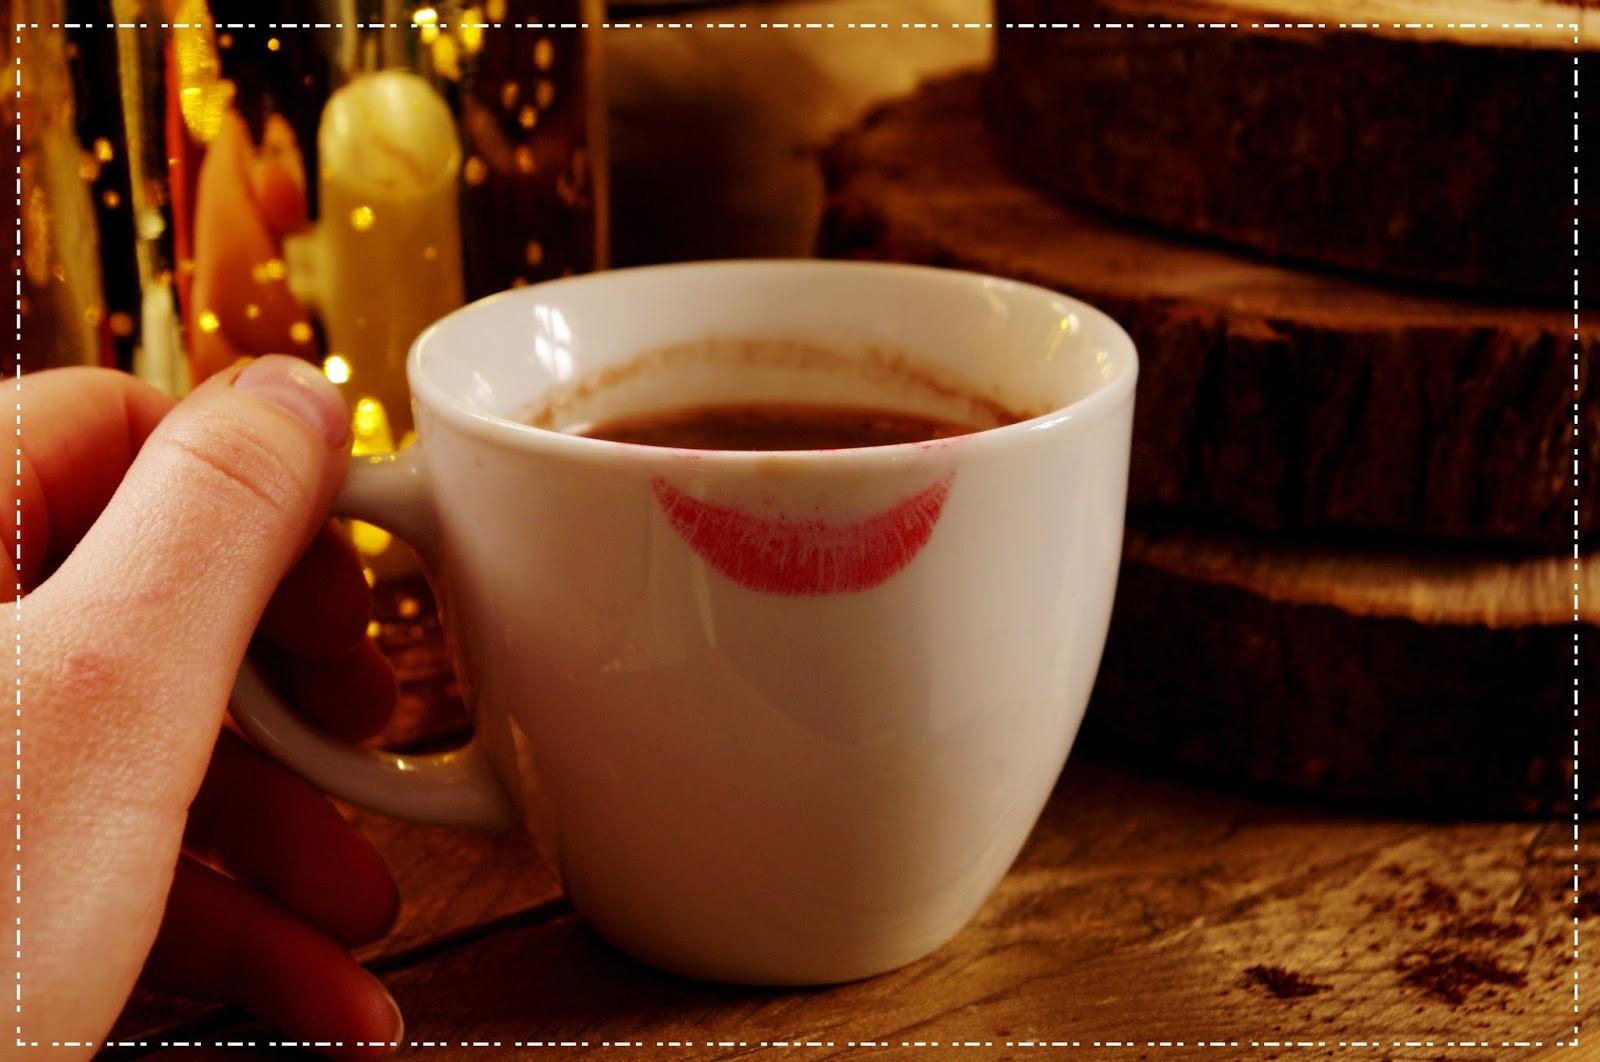 Zapraszam na kawę , czyli  opowieść o tym jak czaruje zapachem  kremowy żel pod prysznic Ziarna kawy - Yves Rocher